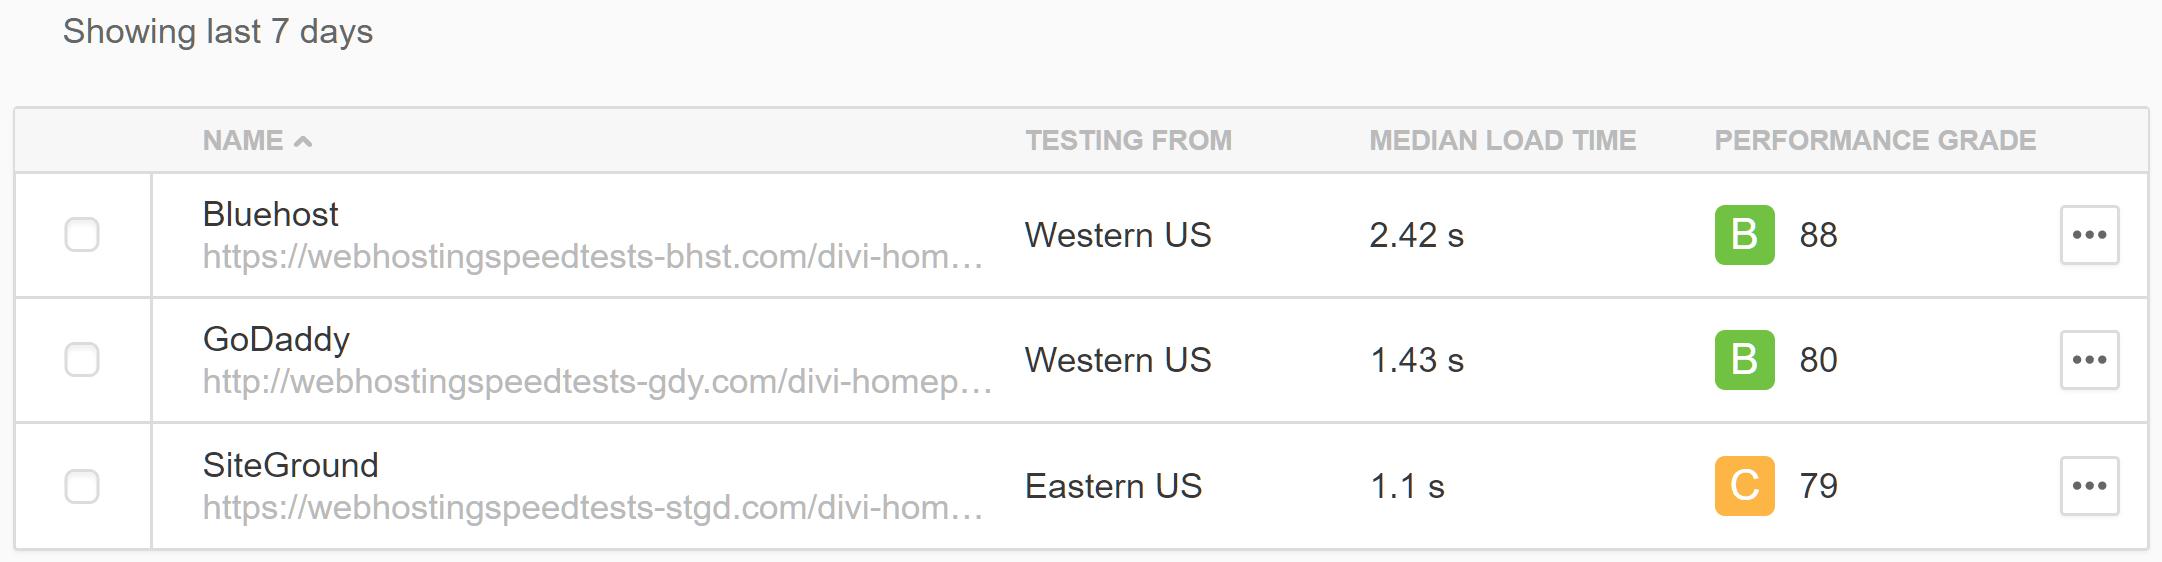 Resultados de la prueba para el tema Divi